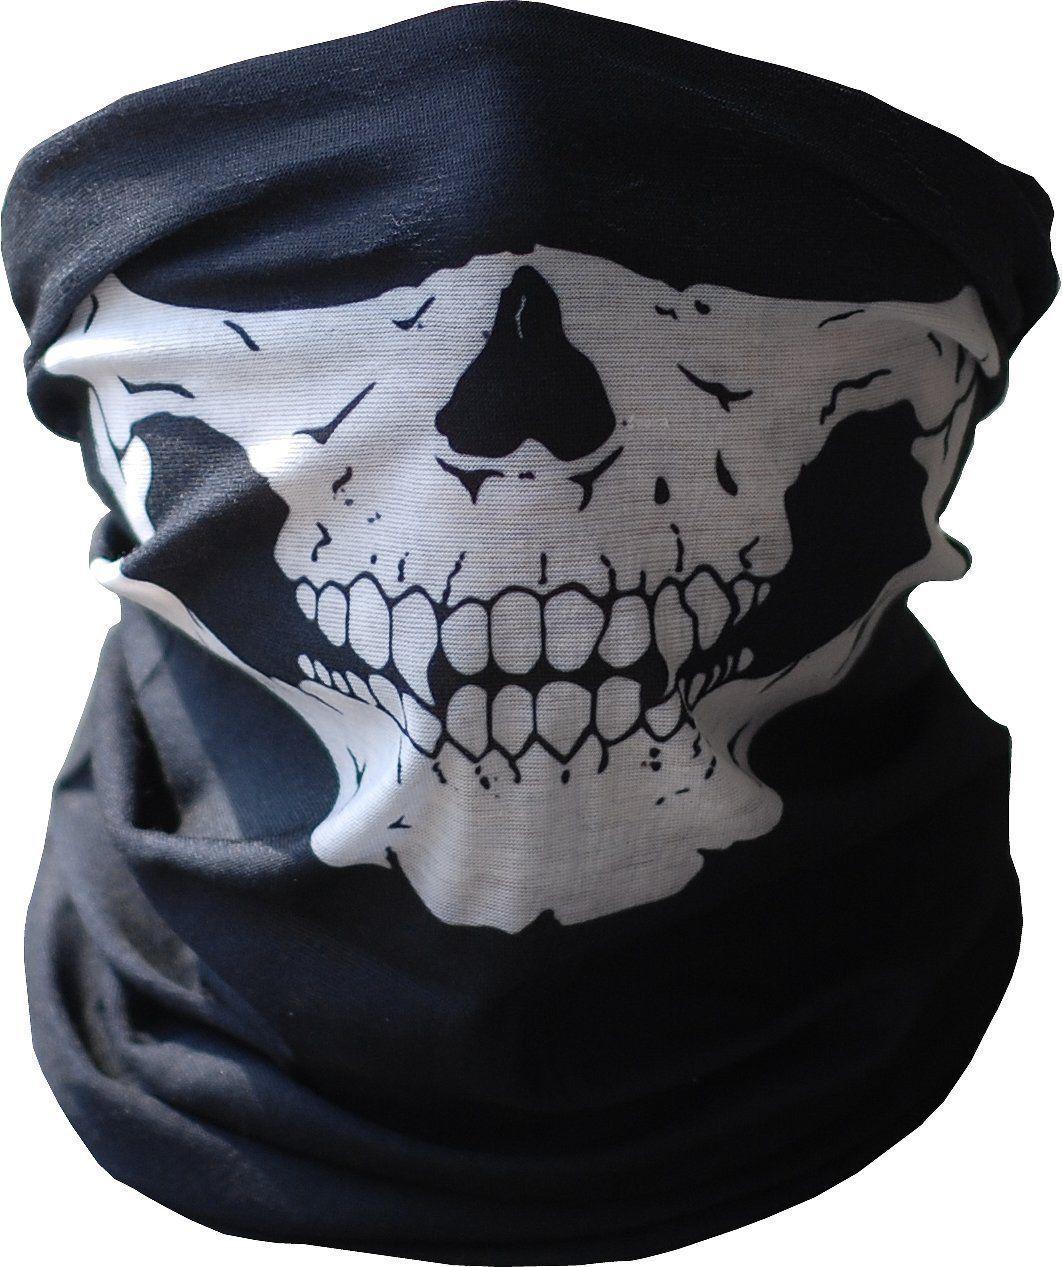 AmazonSmile: UrbanSource Black Seamless Skull Face Tube Mask BUFF ...